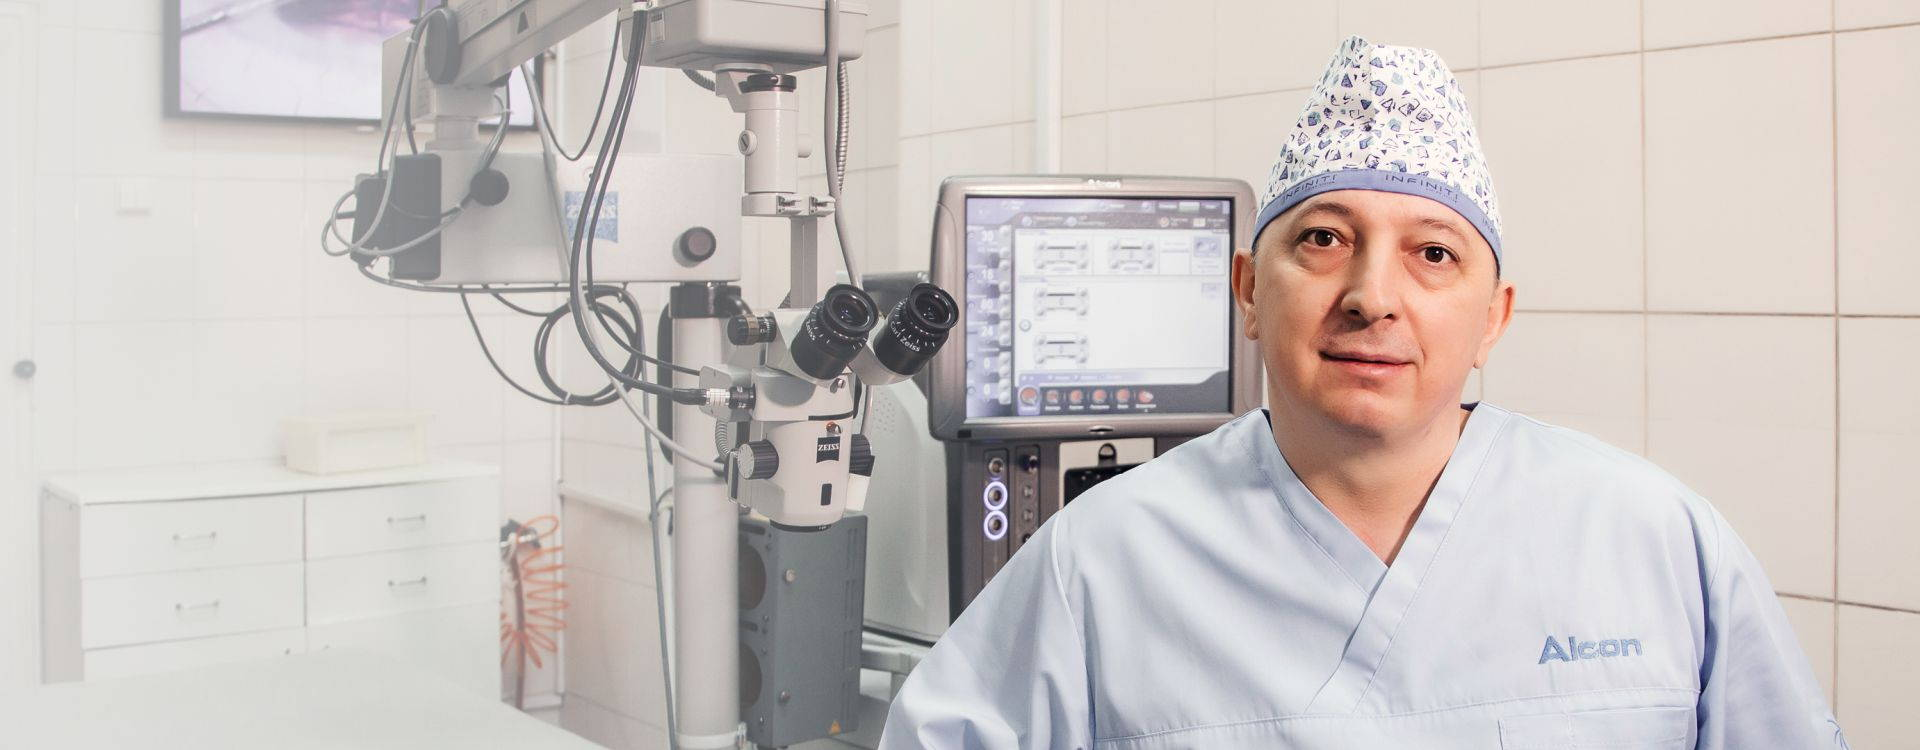 Слайд лечение катаракты в Новосибирске Картинка